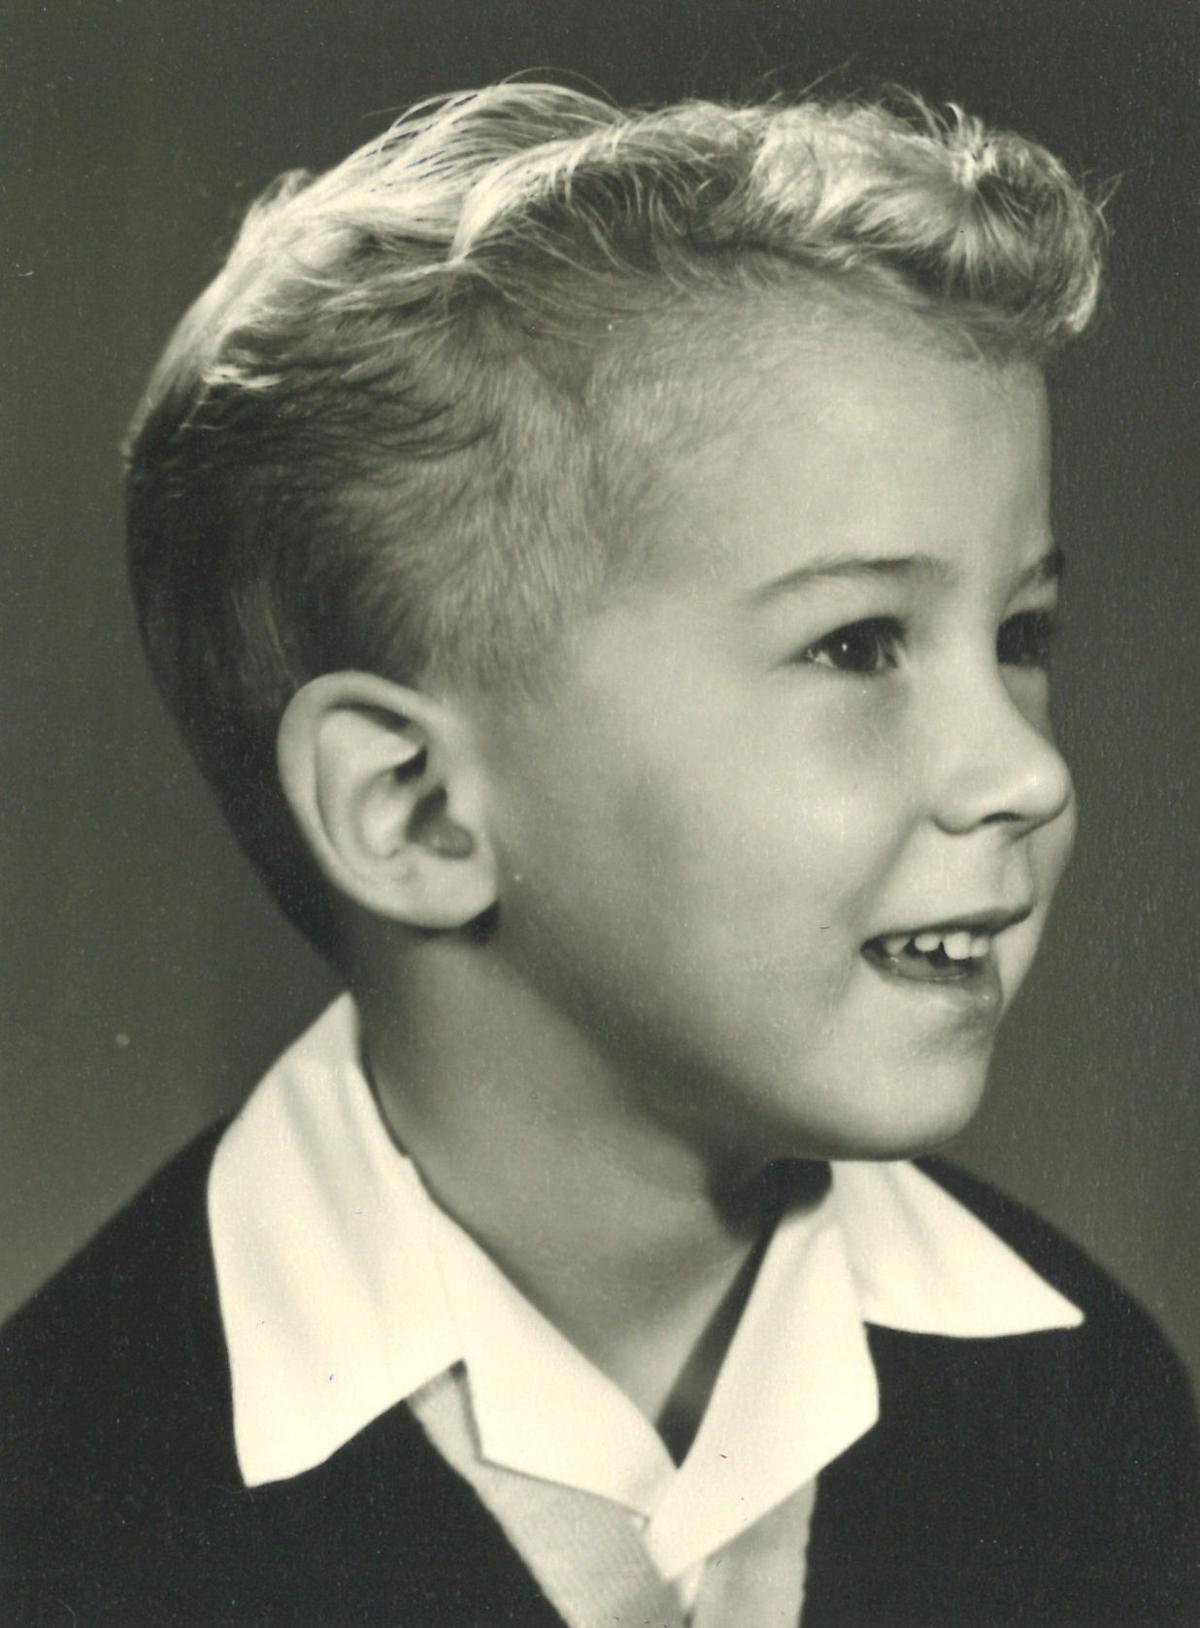 Rodney Lee Yarger